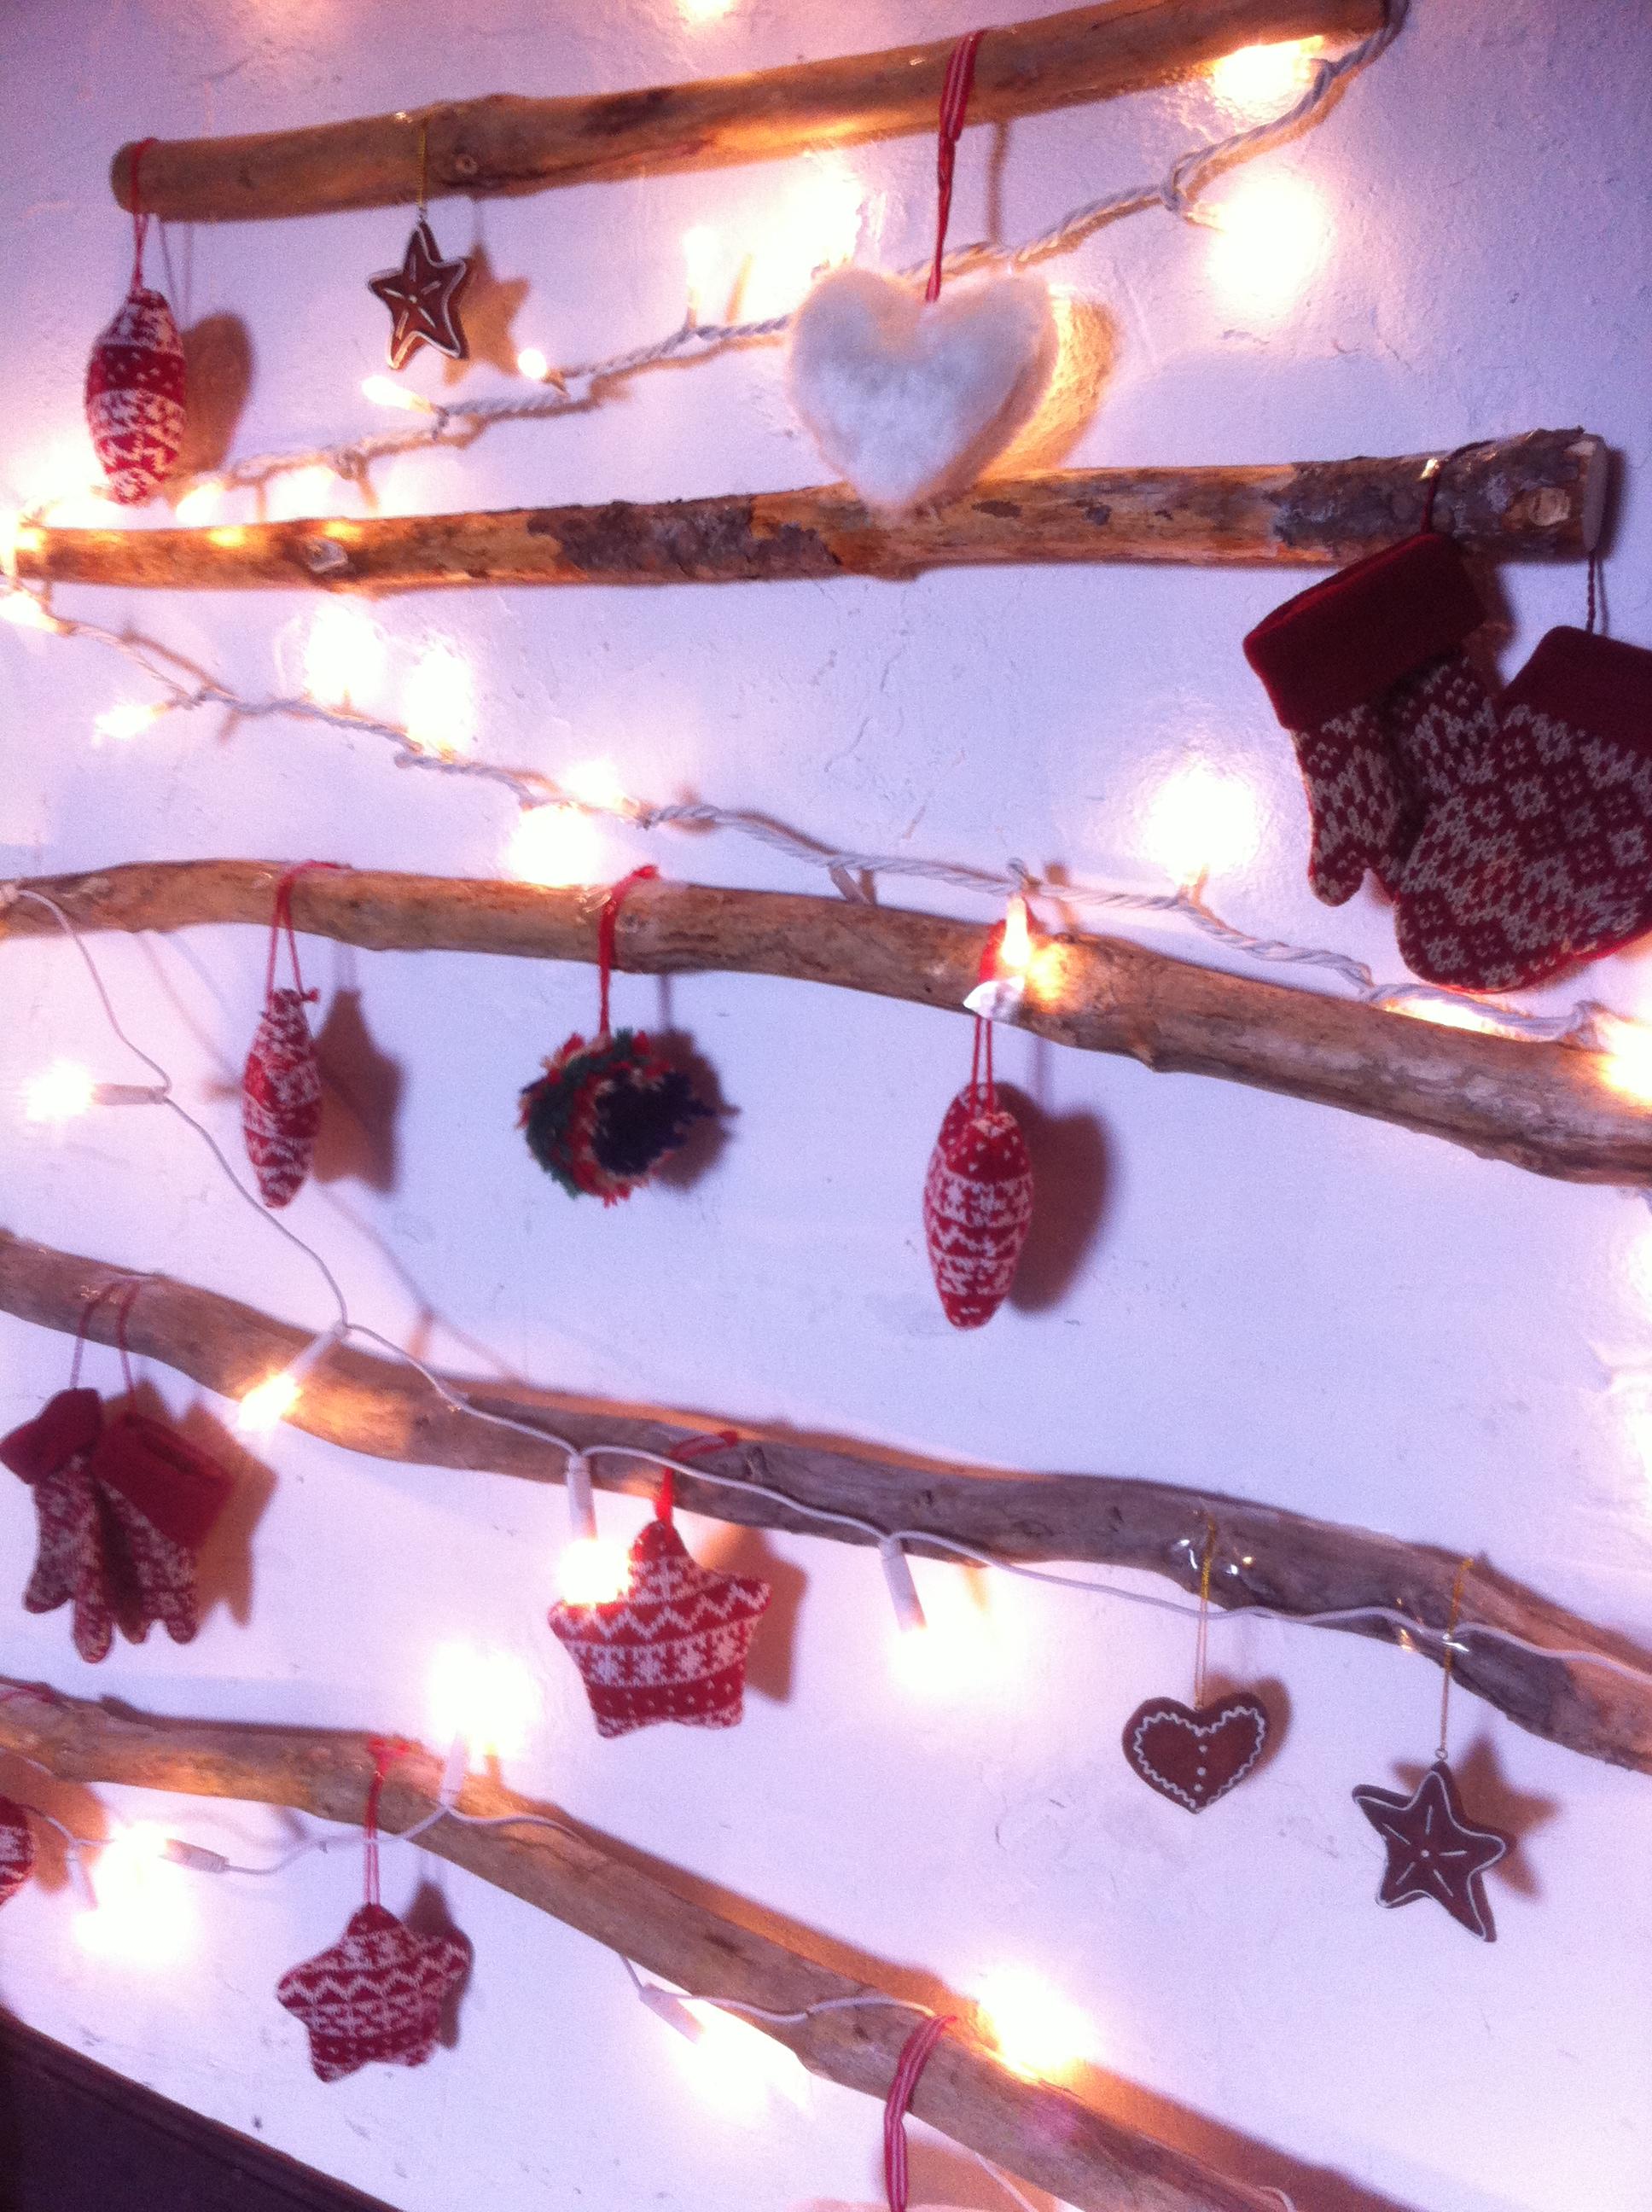 Oui Oui-arbol navidad ramas-troncos-DIY-arbol navidad diferente (2)